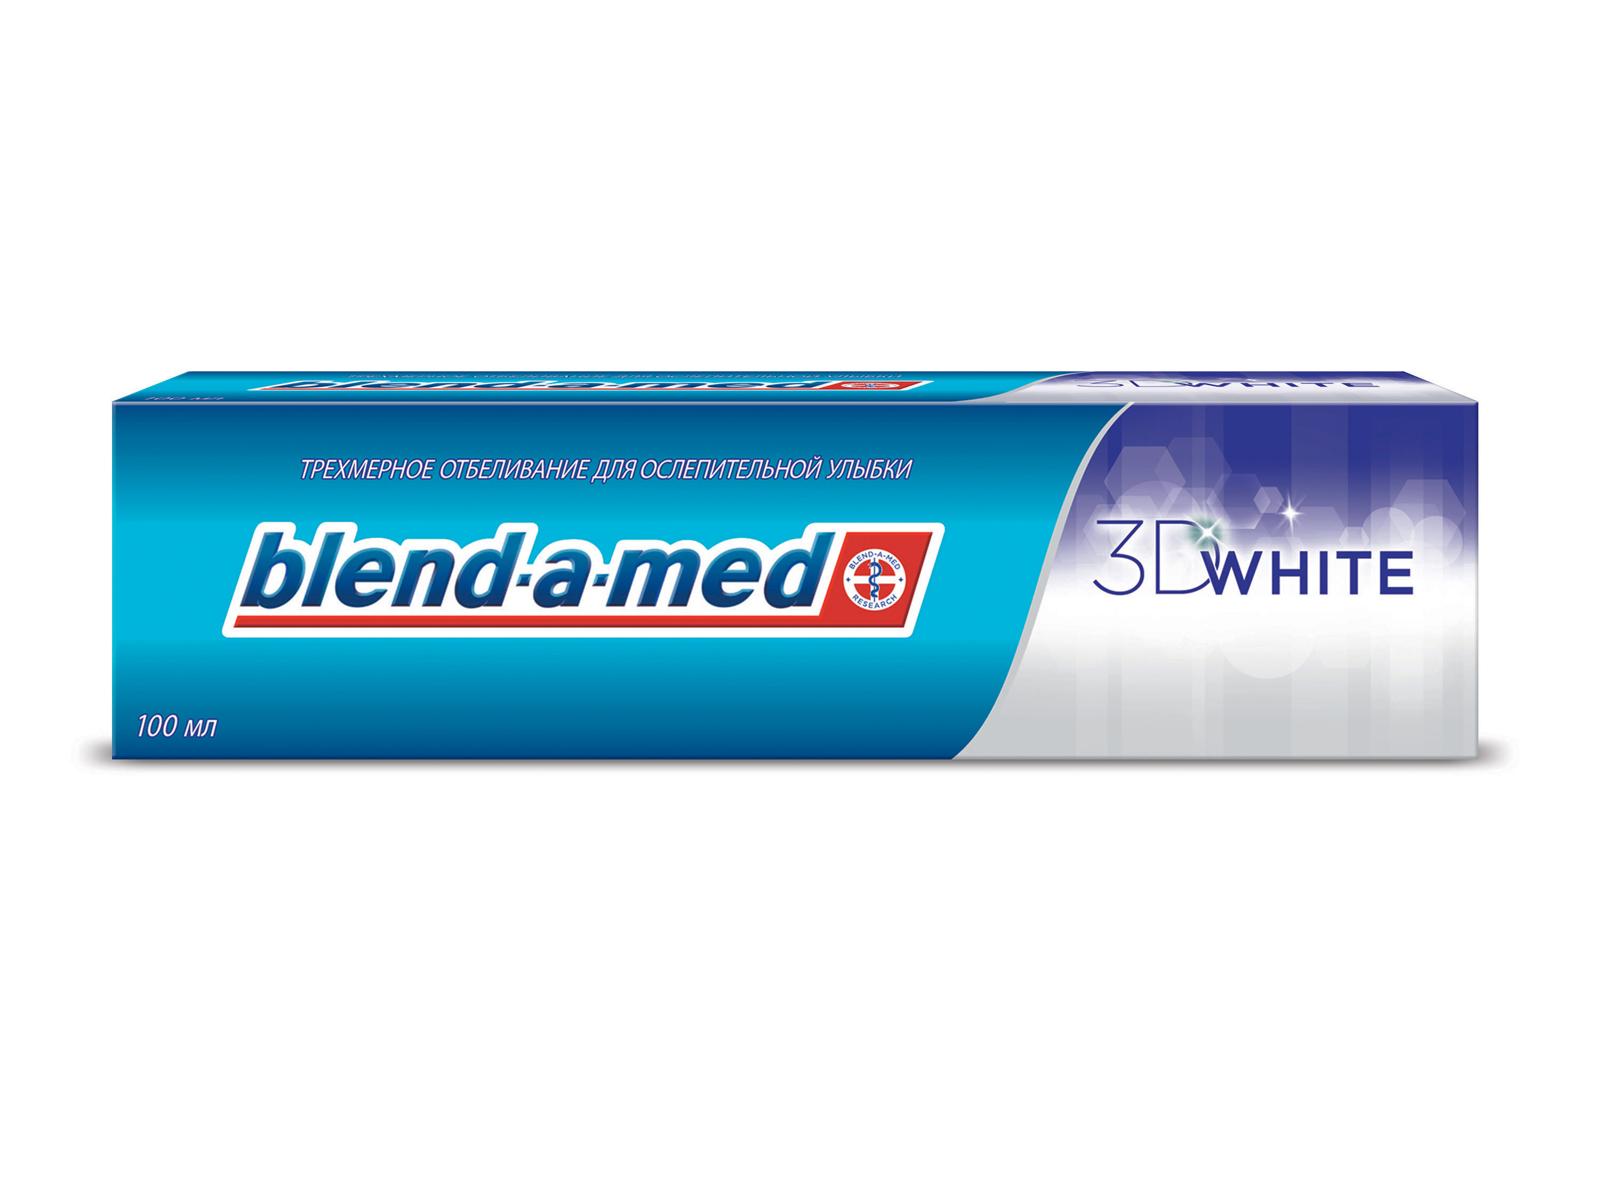 Blend-a-med Зубная паста 3D White, 100 млBM-81535312Трехмерное отбеливание для безупречной улыбки! Белоснежная улыбка за 14 дней? С пастой Blend-a-med 3D White это возможно. Отбеливание происходит за счет специальных отбеливающих частиц, которые во время чистки проникают в труднодоступные места. Эффективный и мягкий путь позволит очистить зубы от налета, создавая эффект идеально белых зубов в трех измерениях